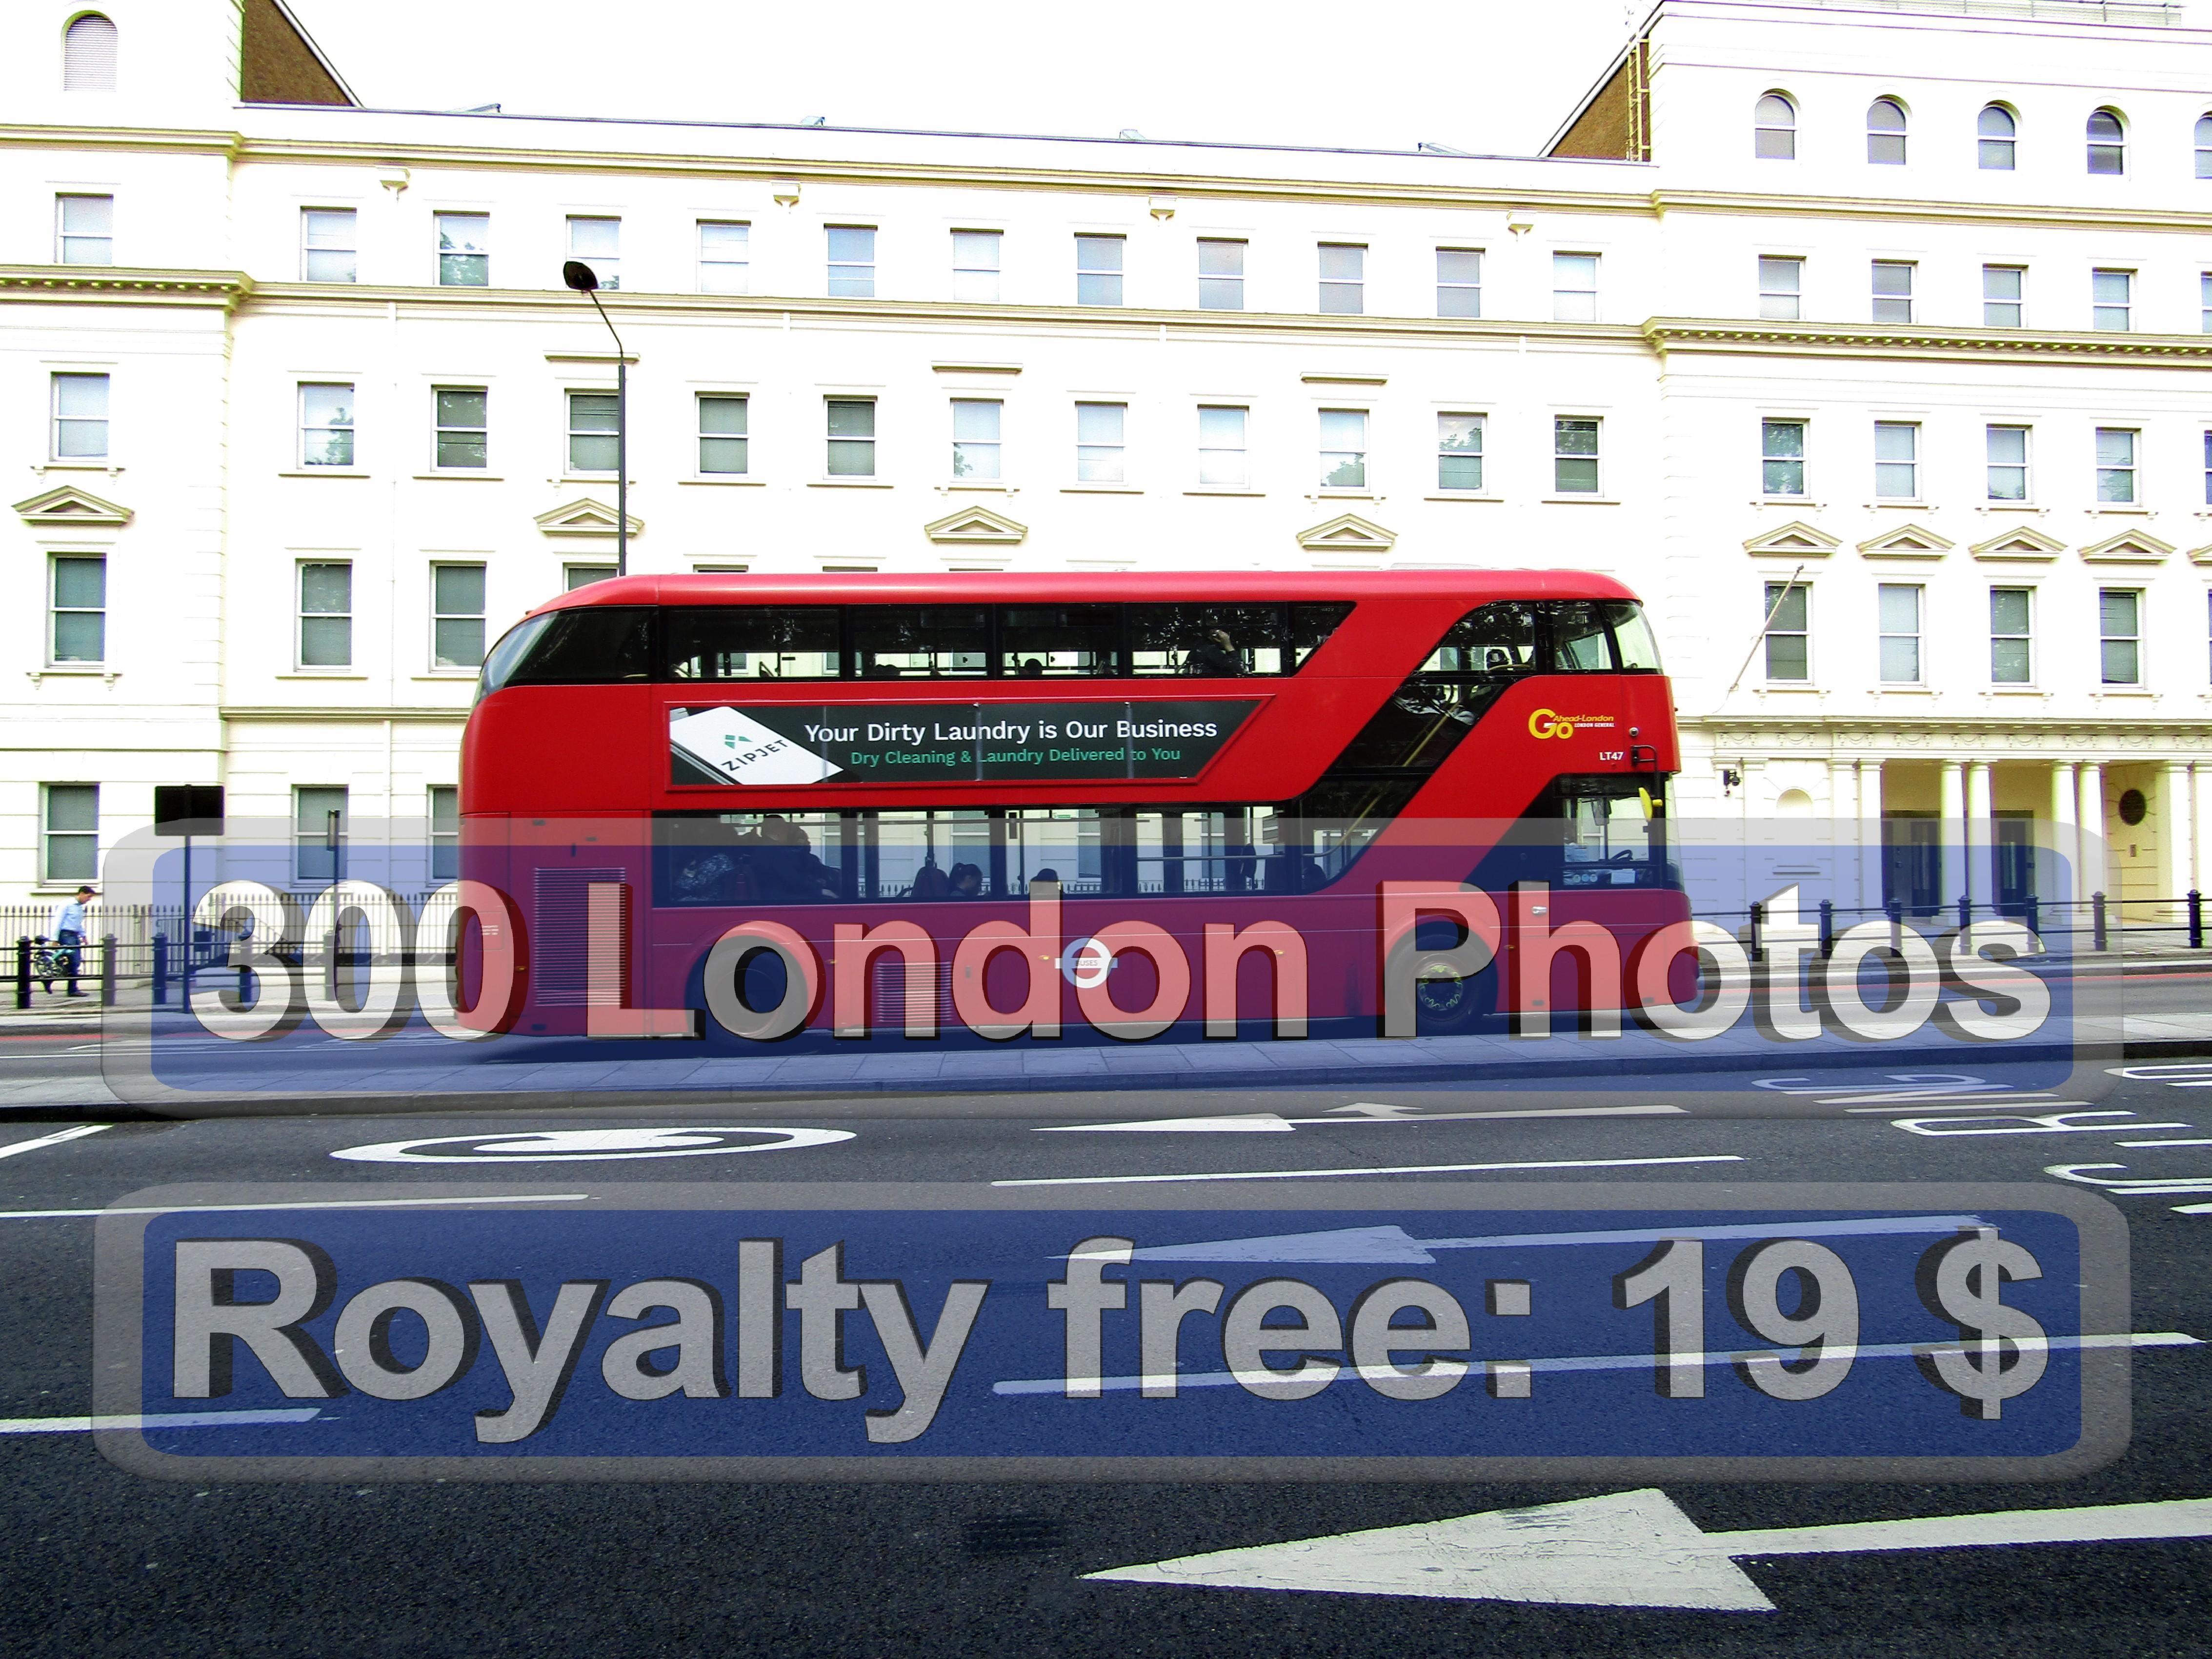 London Foto Shop